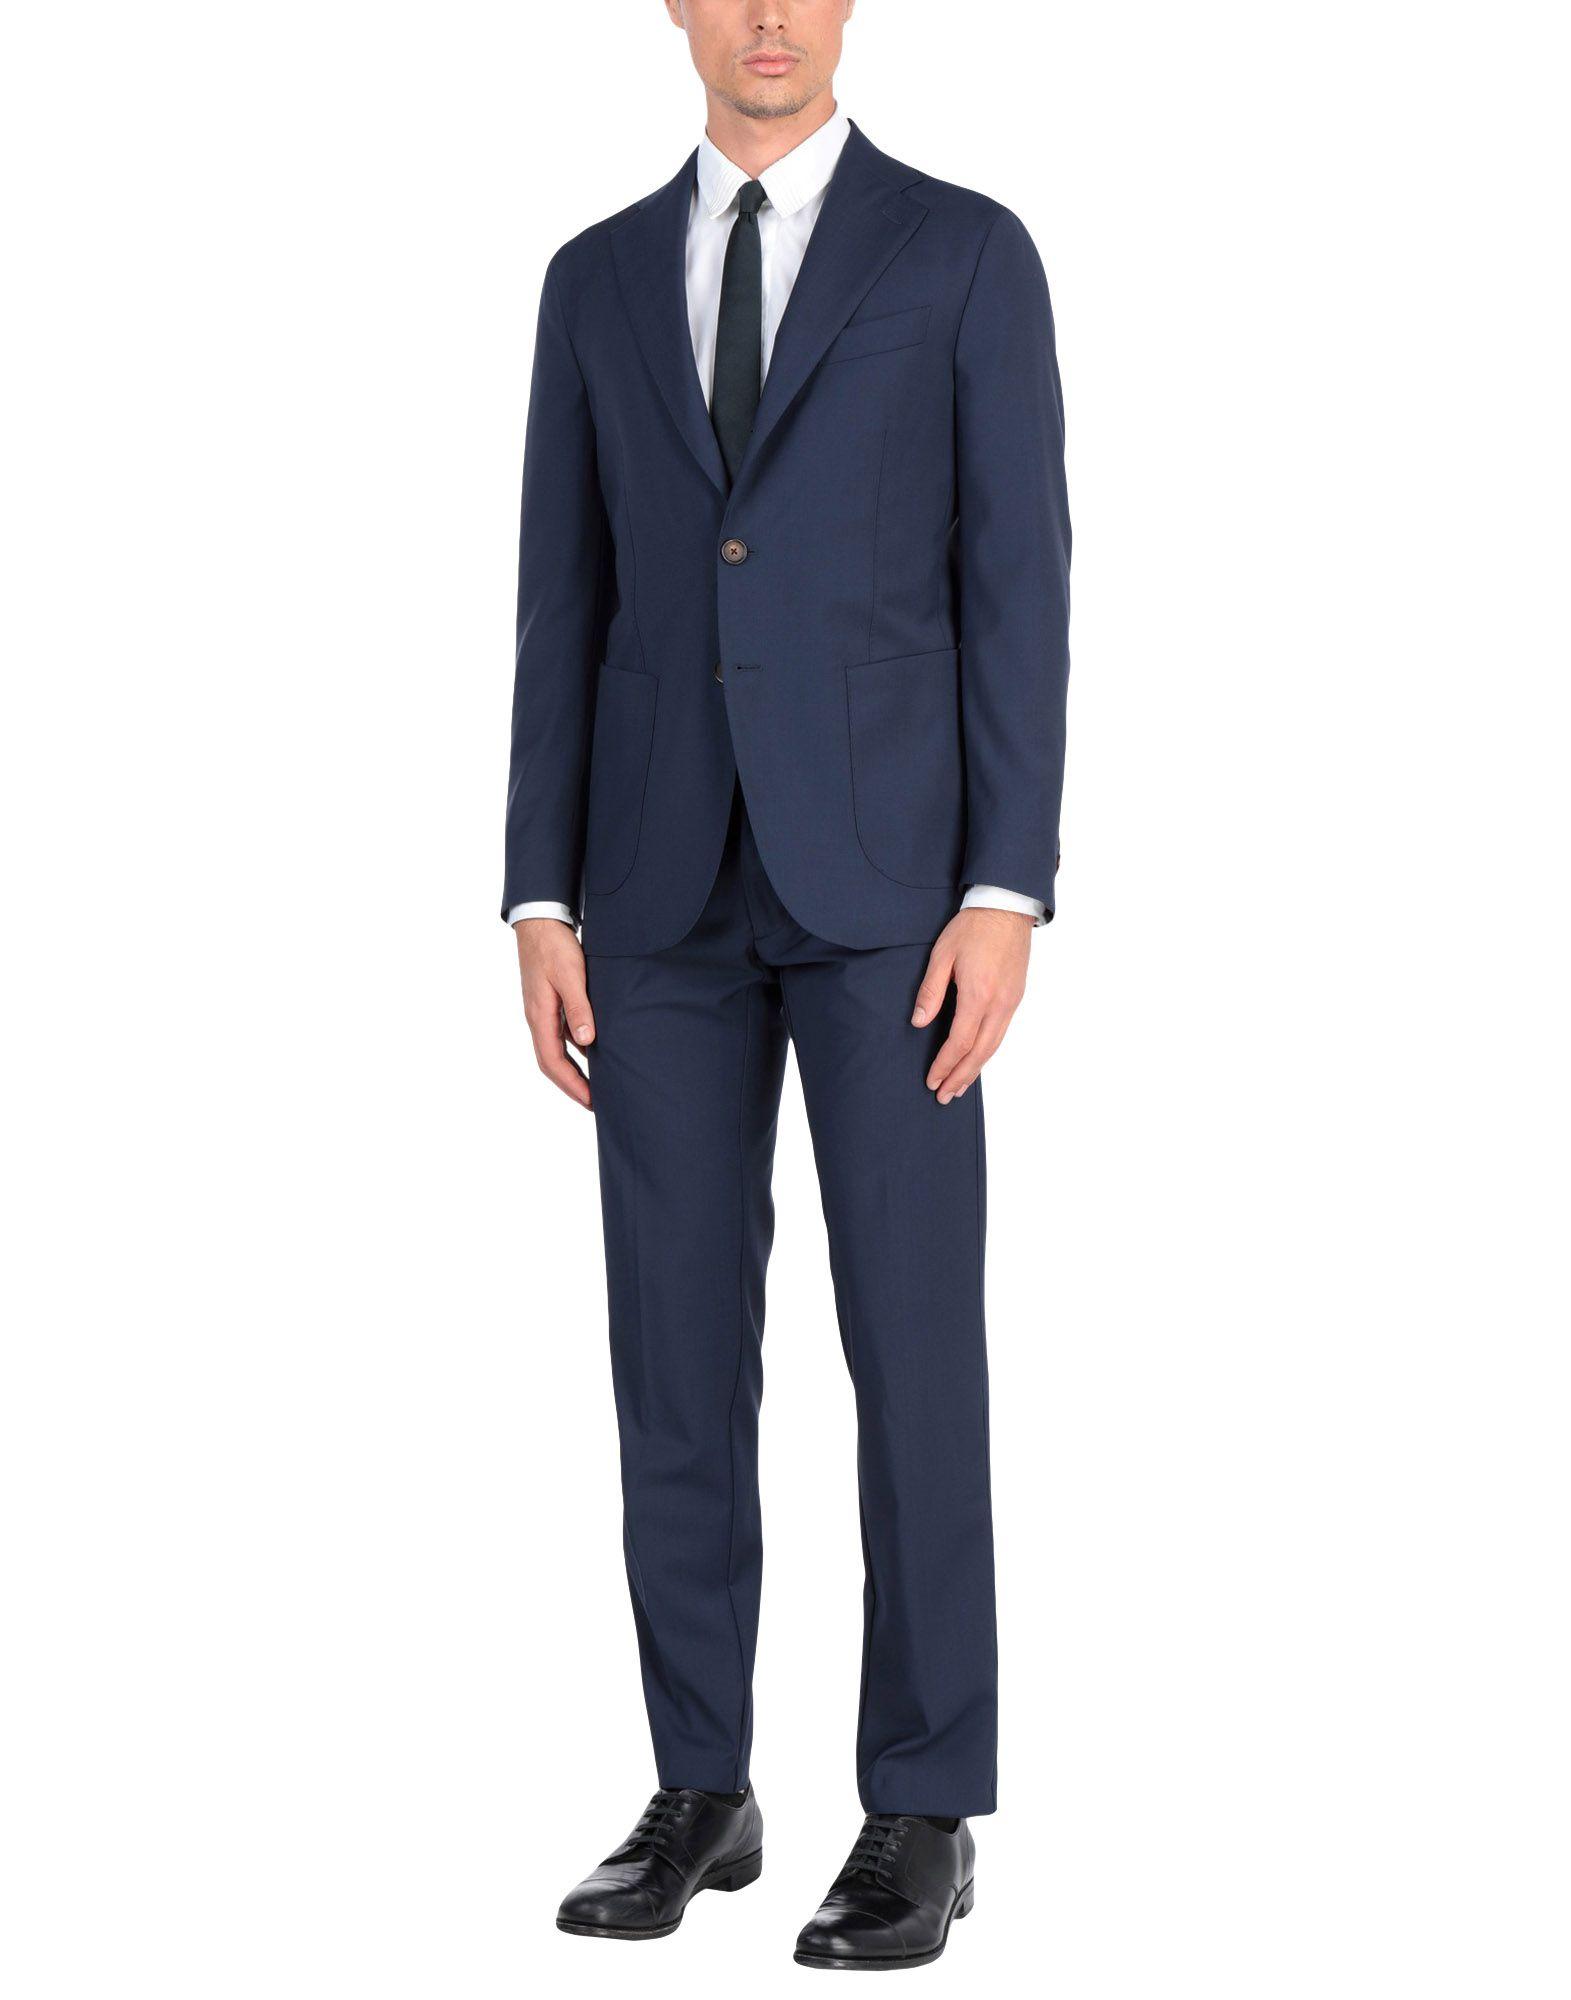 《送料無料》DOPPIAA メンズ スーツ ダークブルー 48 バージンウール 100%